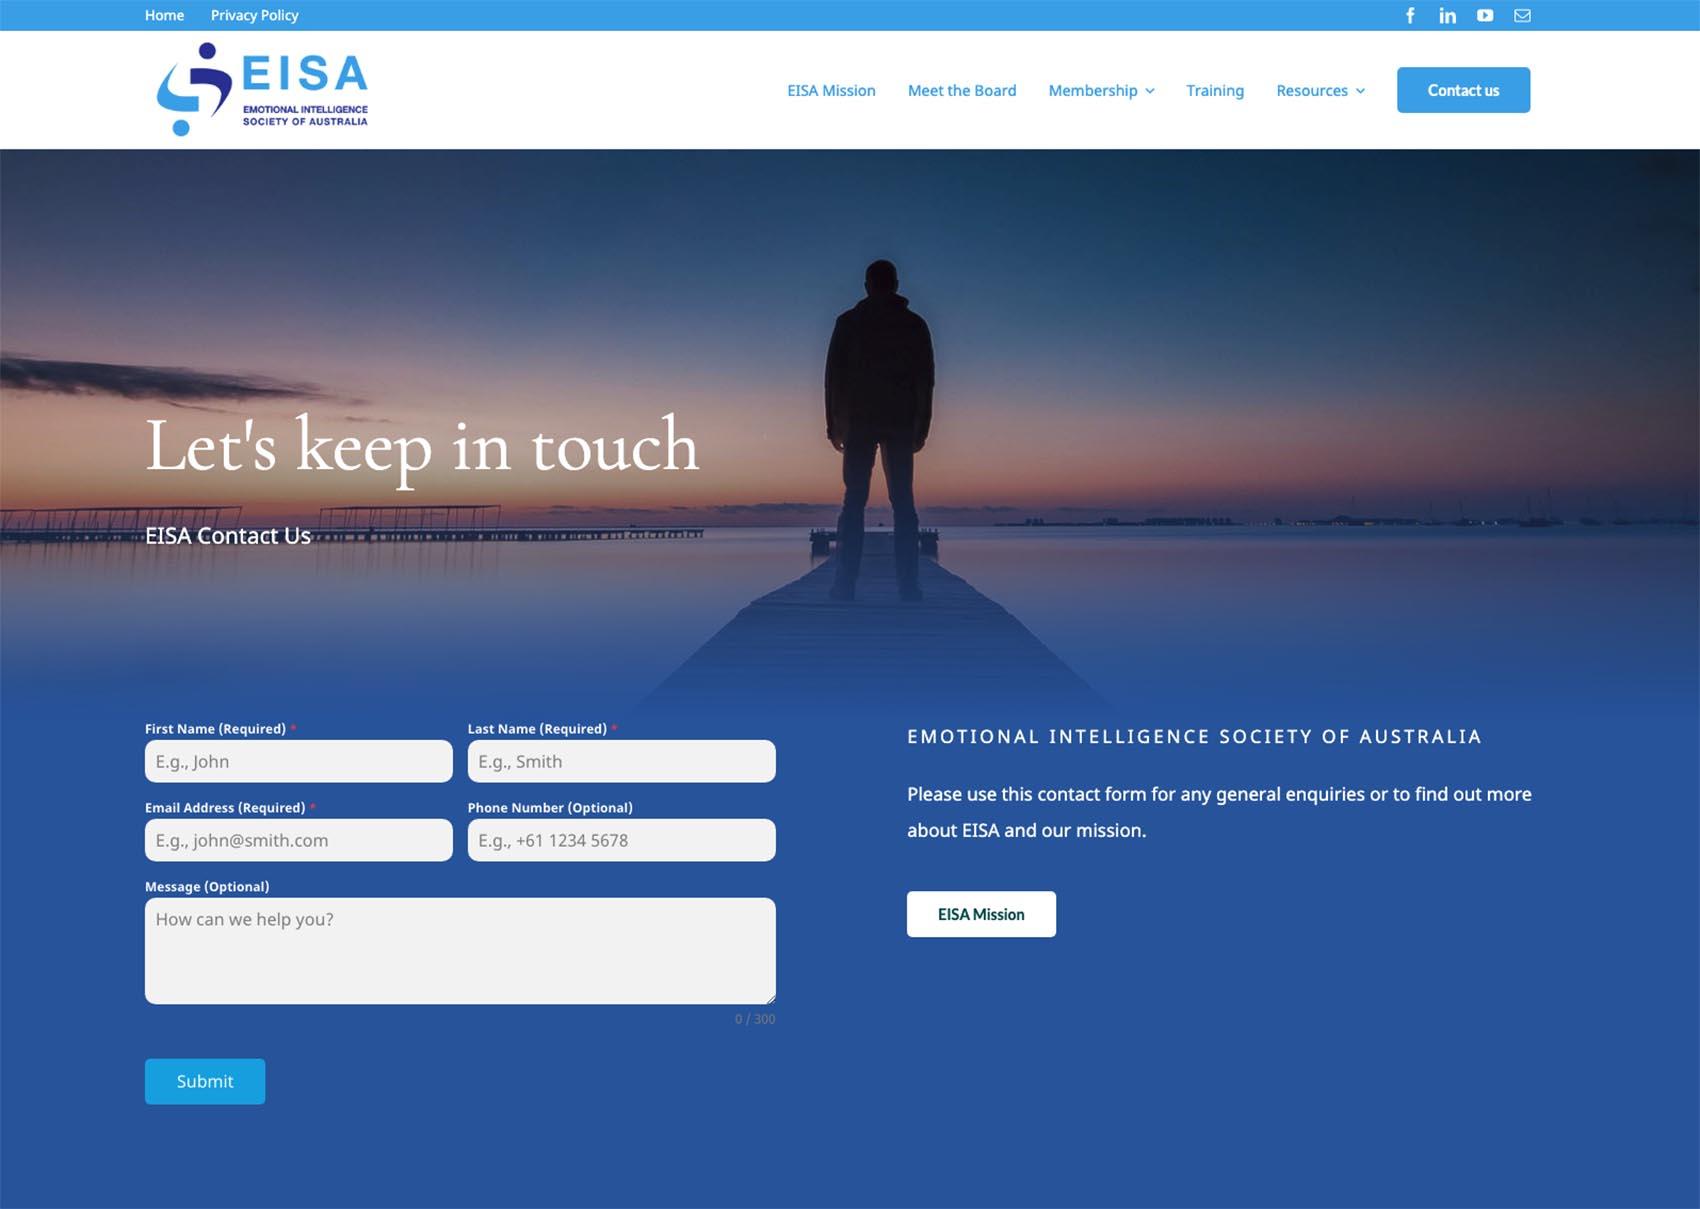 EISA Website contact